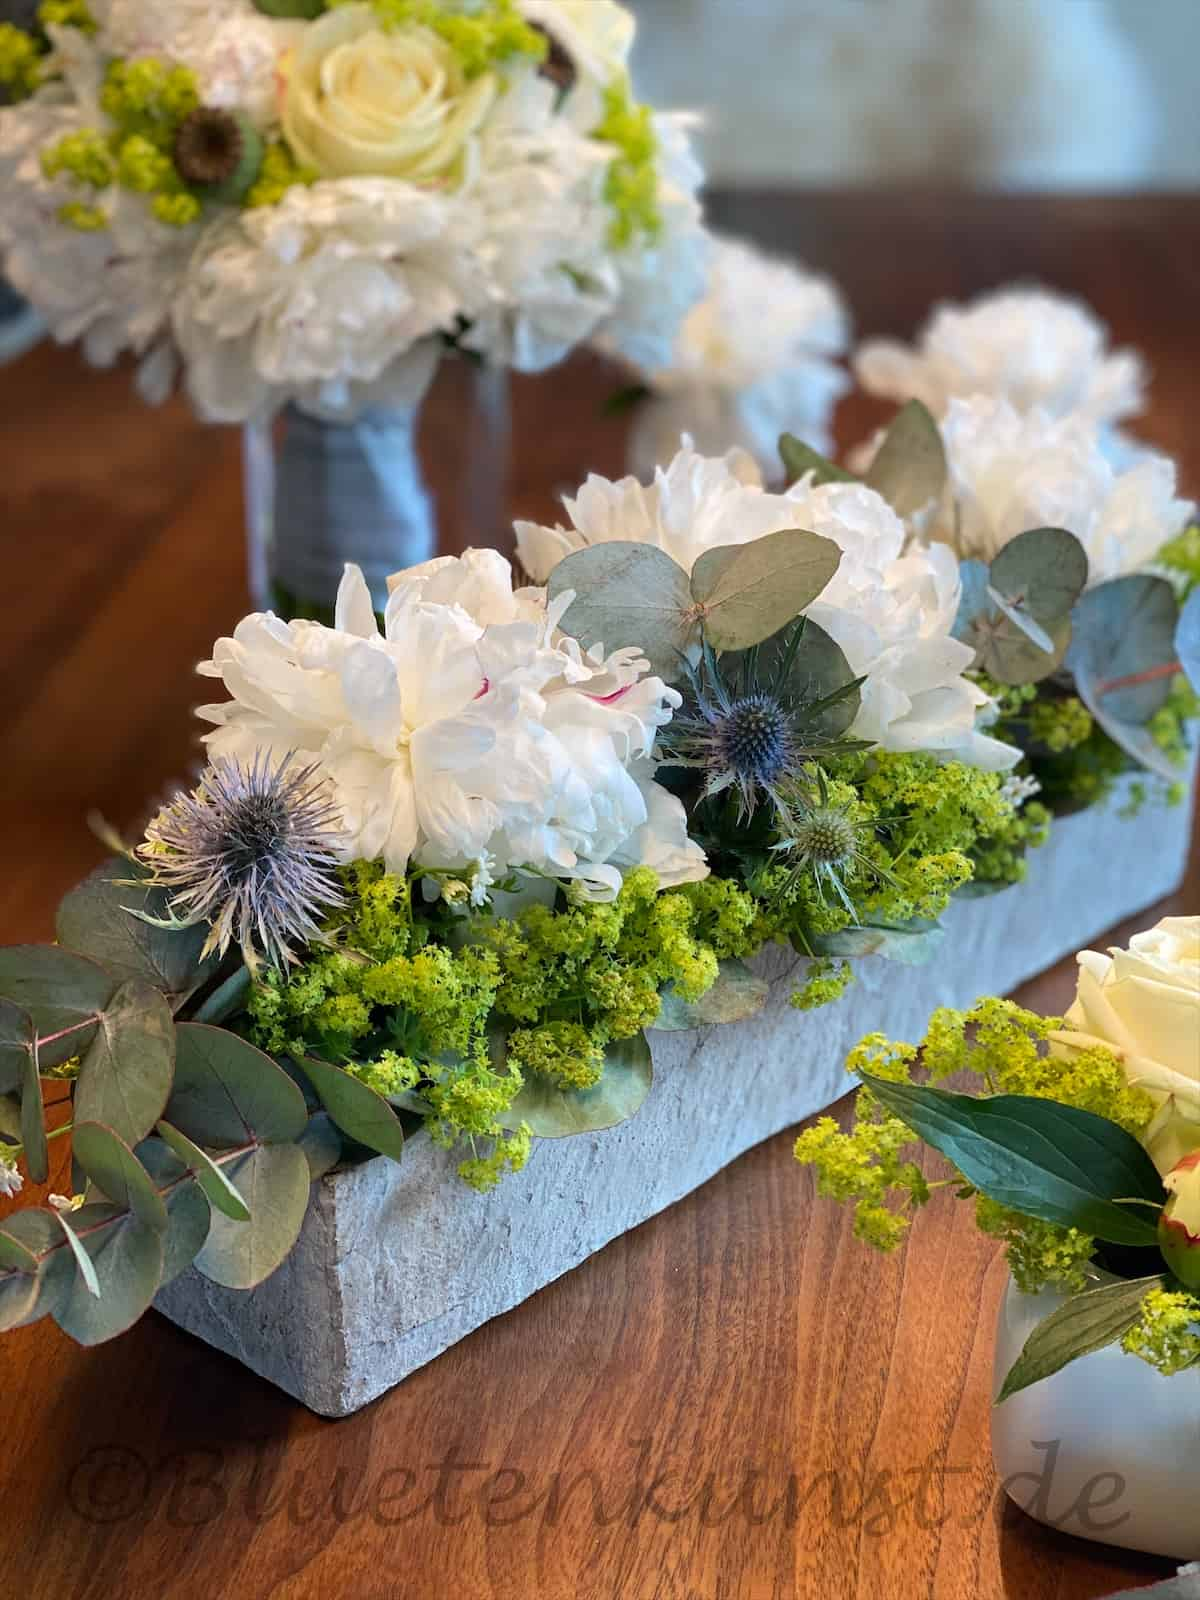 Edle weiße Tischdekoration für Hochzeit edle Pfingstrose in weiß mit Eucalypthus und Frauenmantel, Distel Mannstreu blau